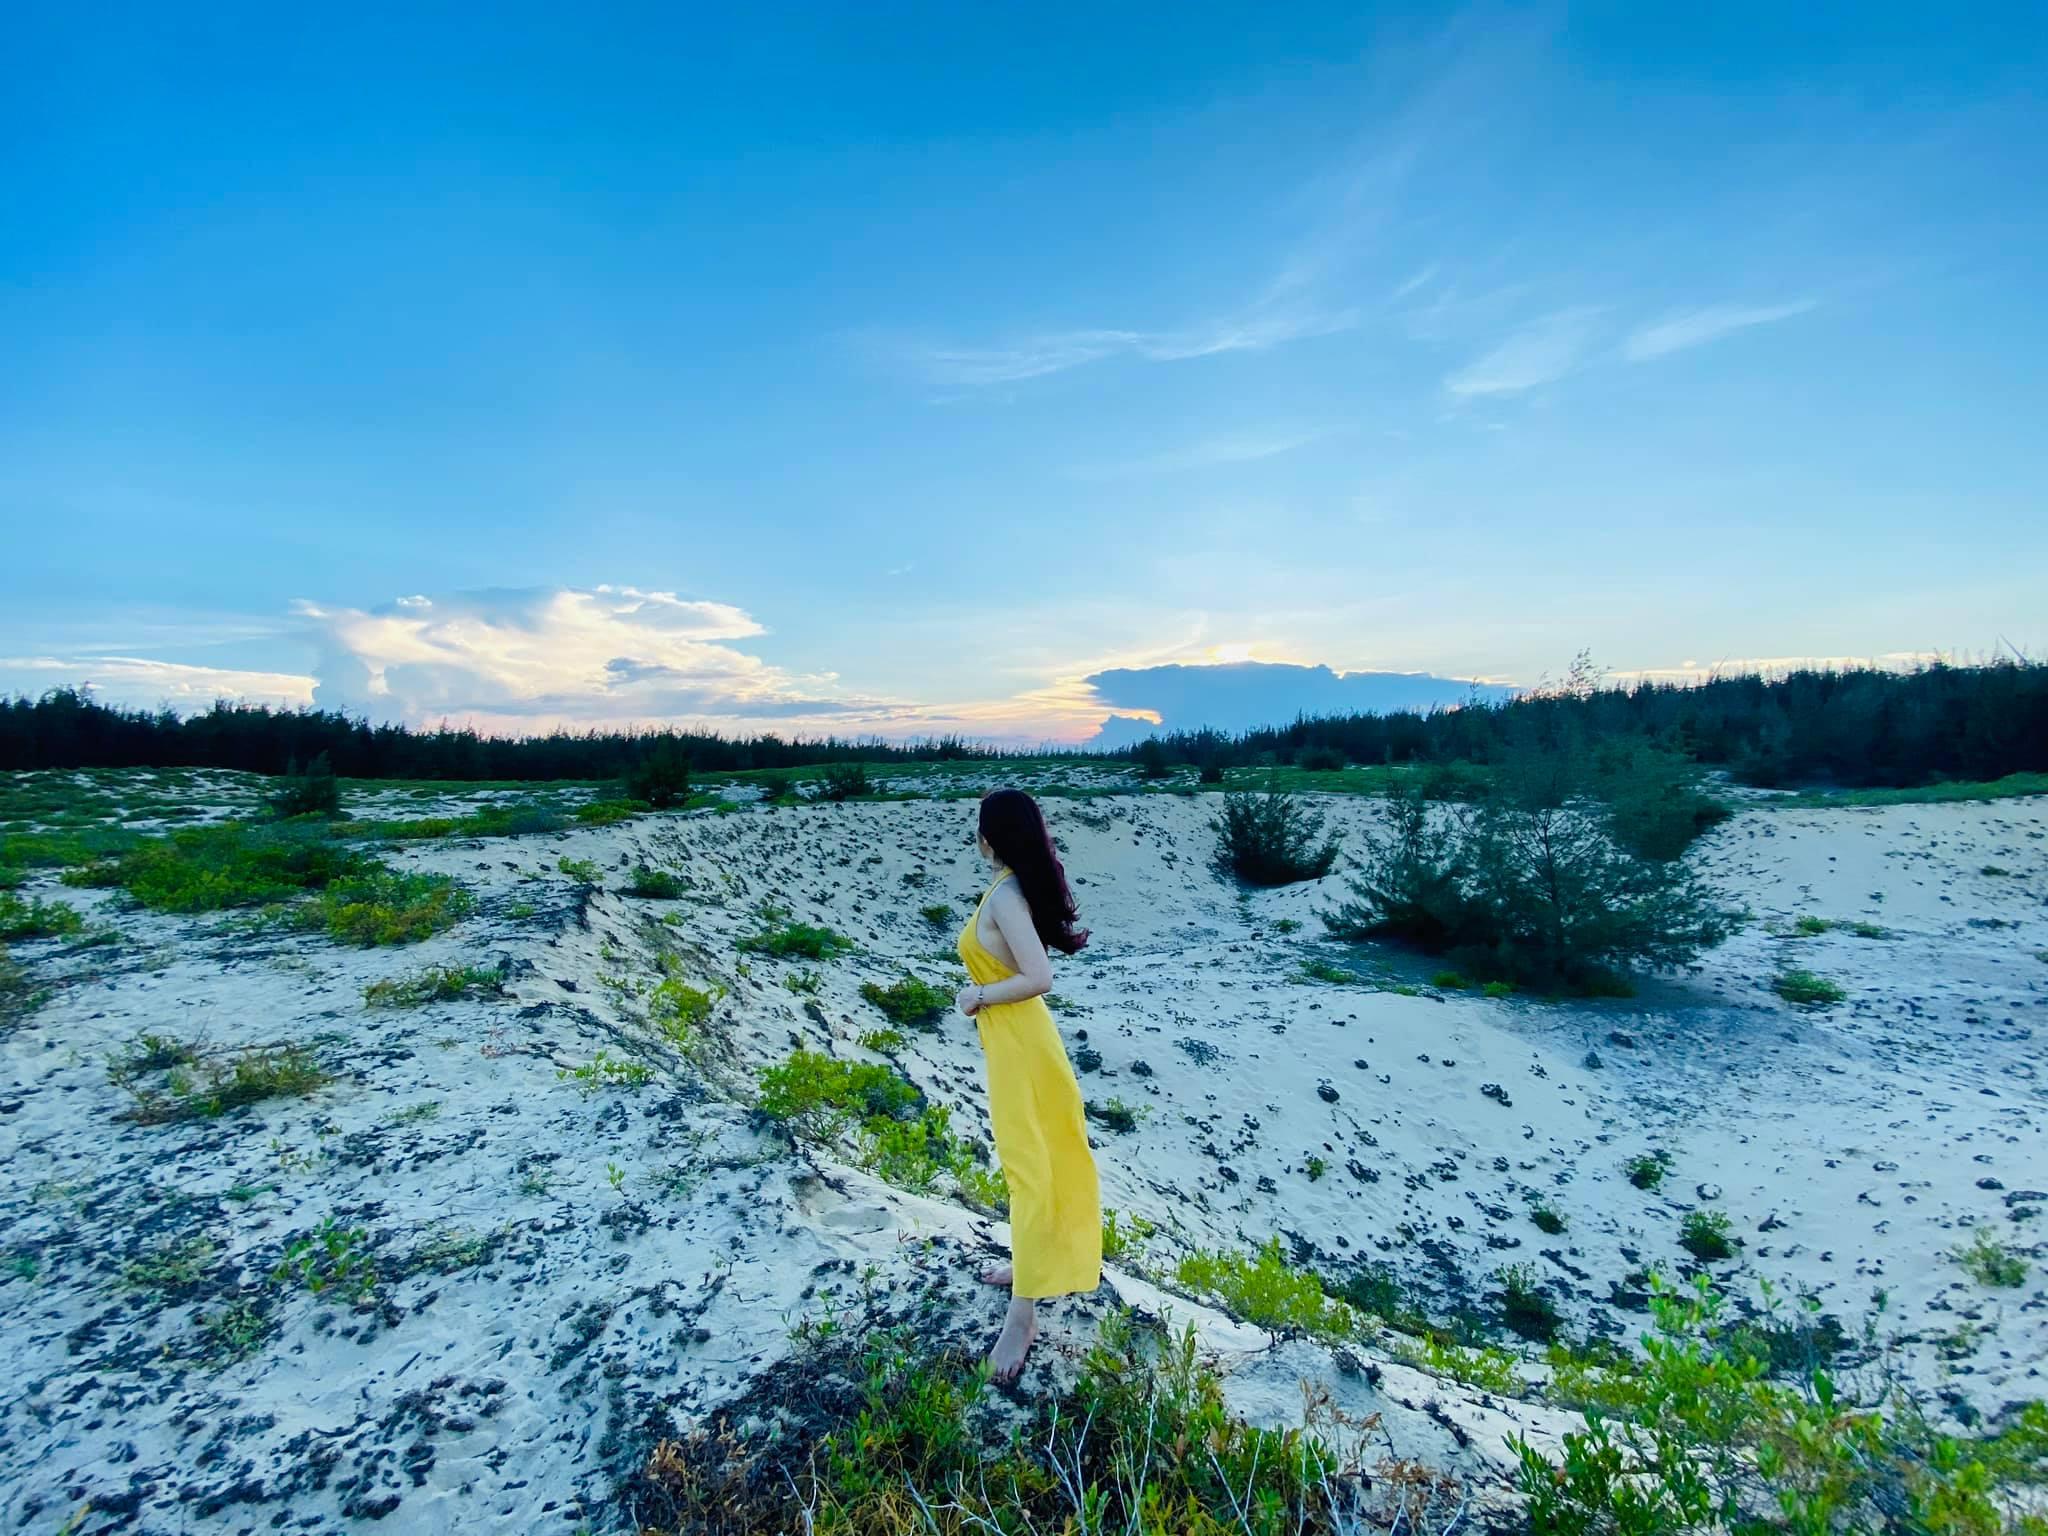 phú yên, phú yên ở đâu, phú yên có gì chơi, phú yên quy nhơn, phú yên có gì đẹp, du lịch phú yên, phú yên du lịch, bãi biển Kỳ Co Quy Nhơn